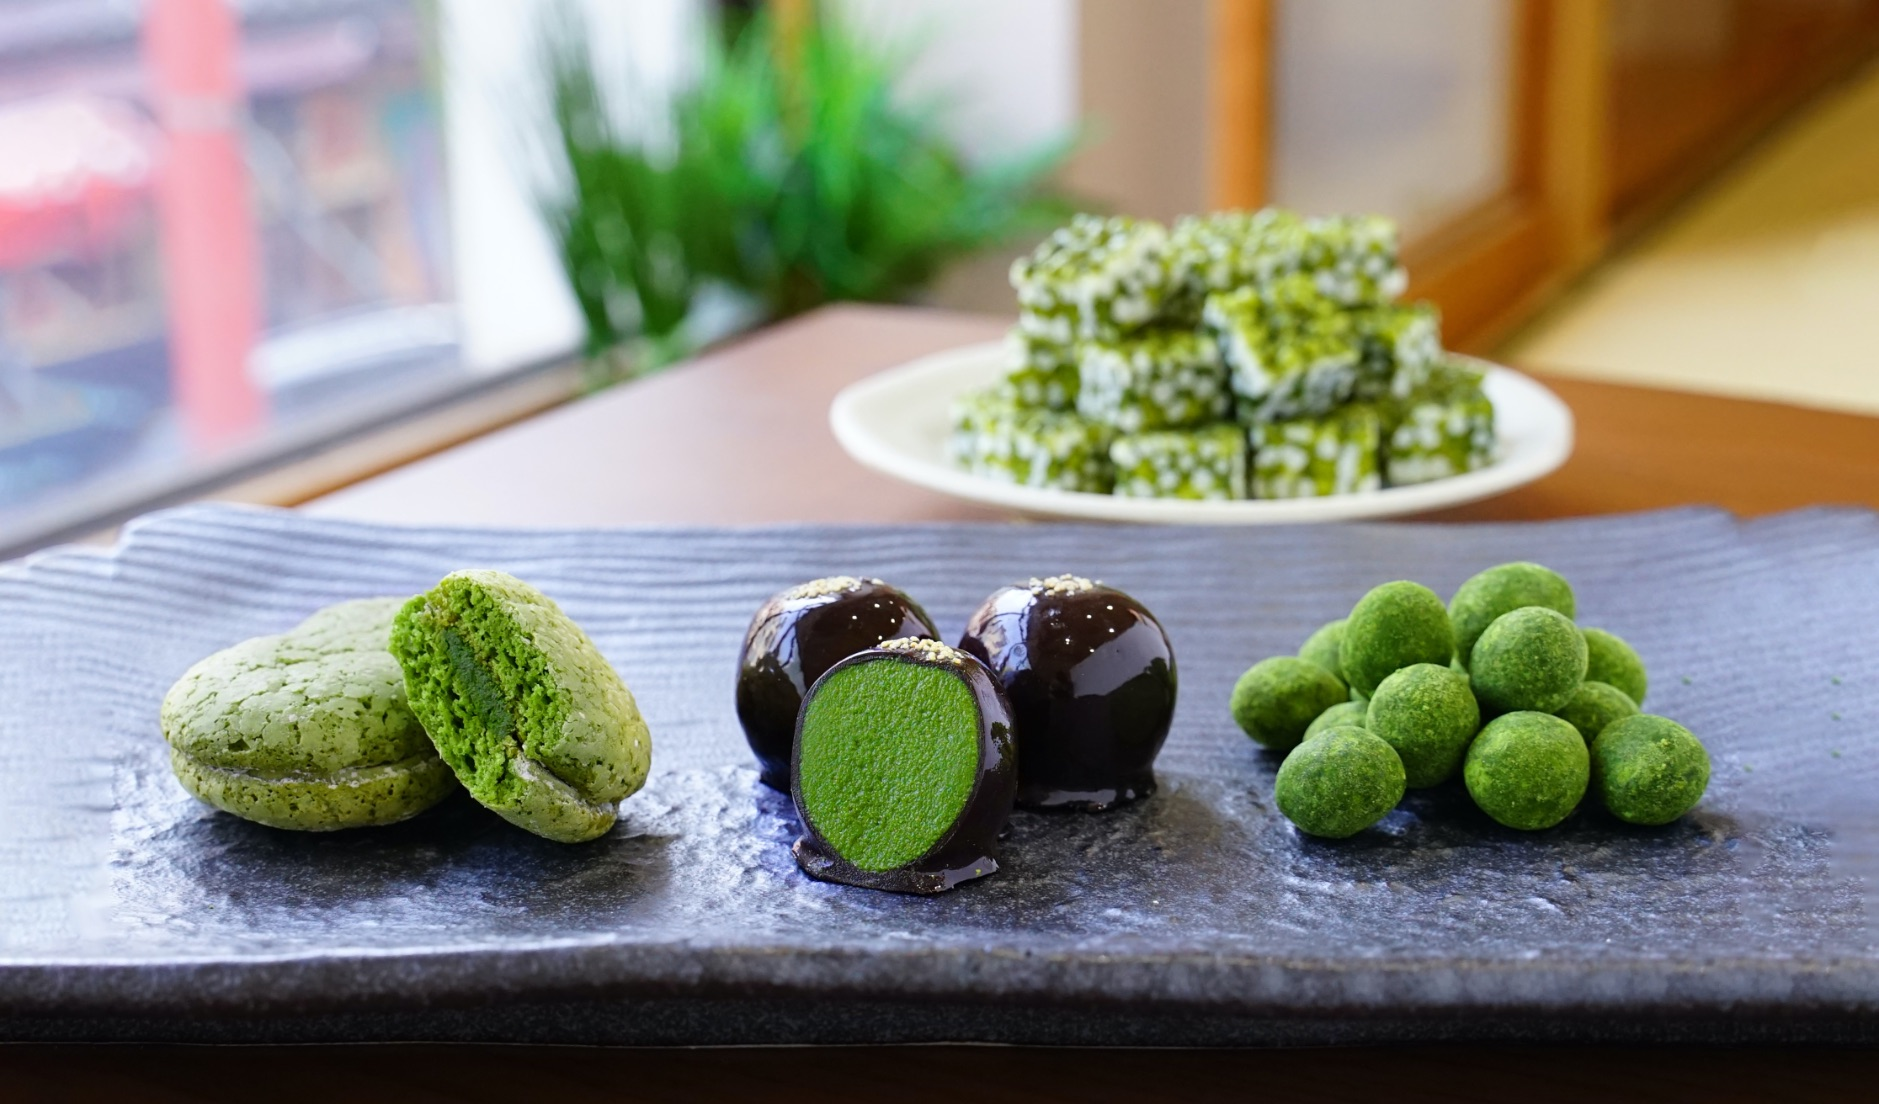 浅草のお濃茶スイーツ専門店「雷一茶」 matcha sweets Asakusa 淺草的黑茶糖果